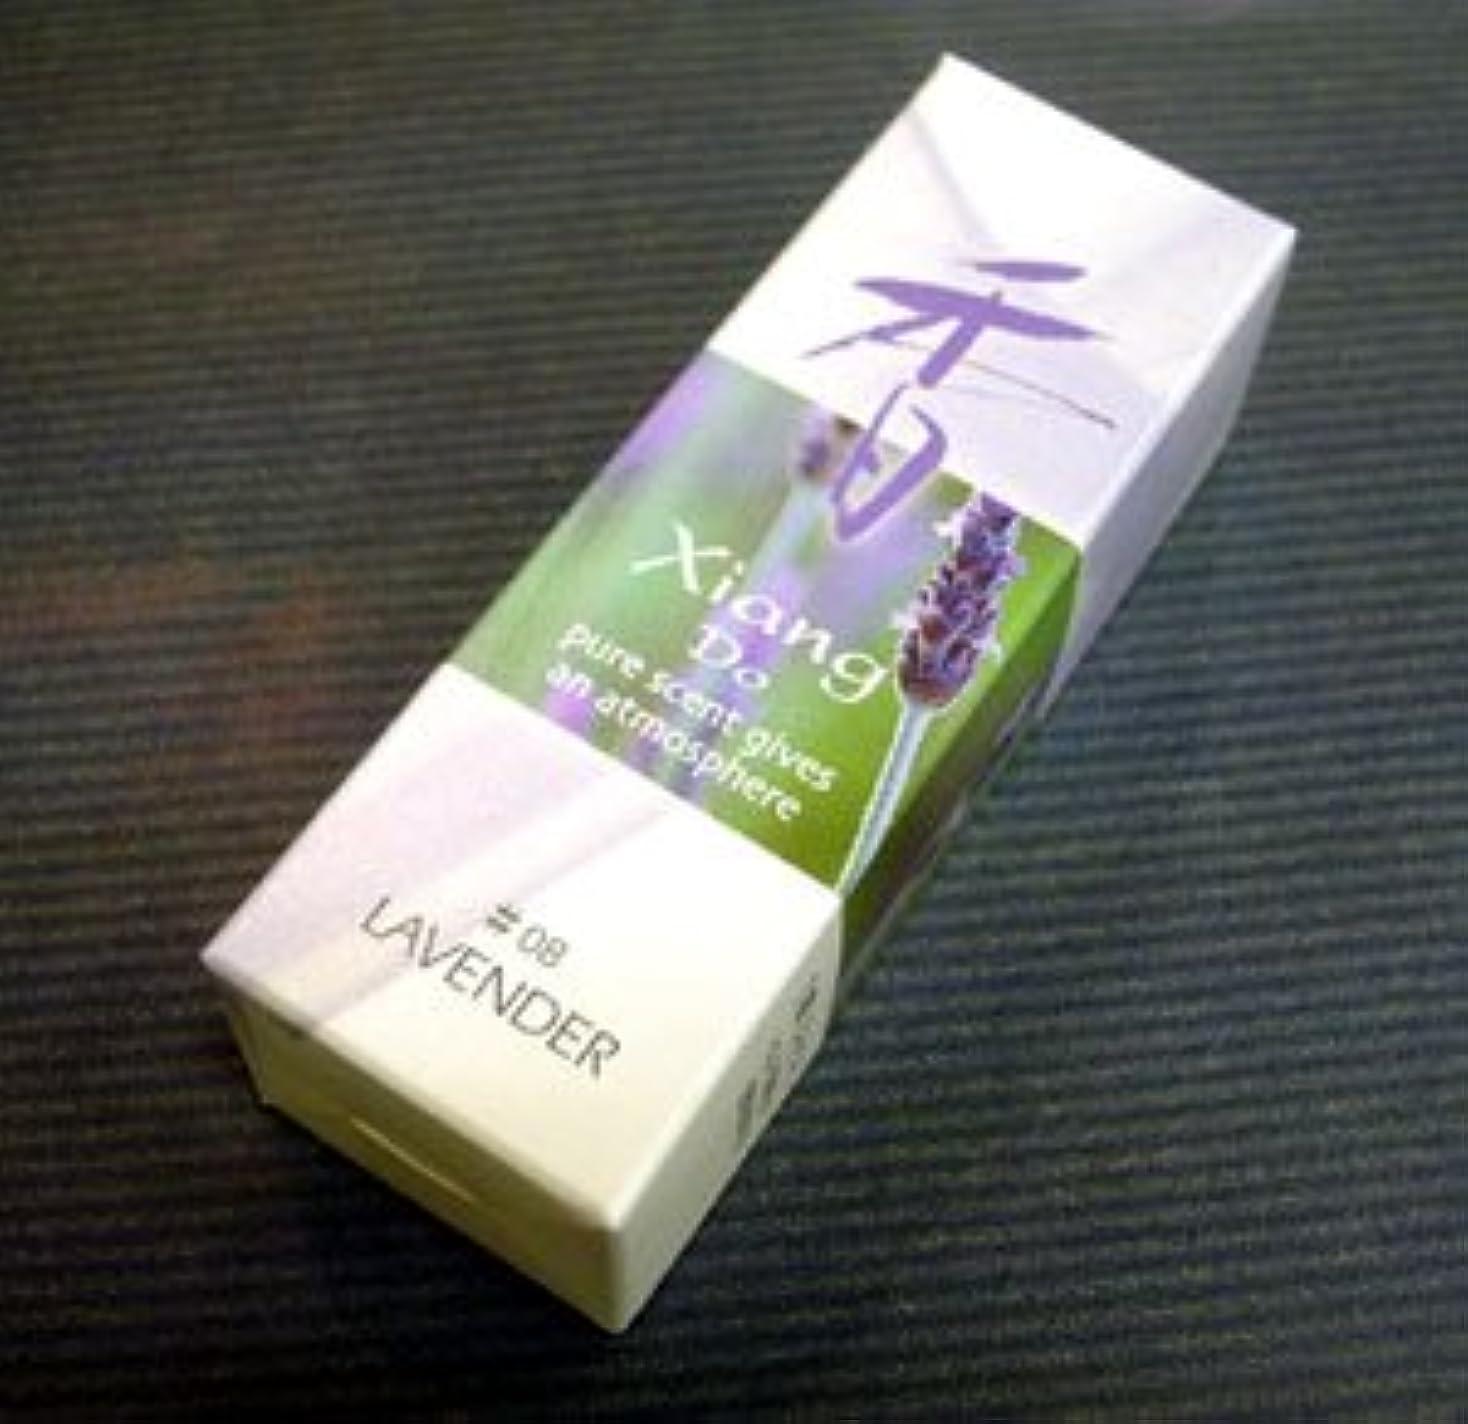 生物学同時ベアリングサークル心やすらぐ香りはいかがですか 松栄堂【Xiang Do ラベンダー】スティック 【お香】